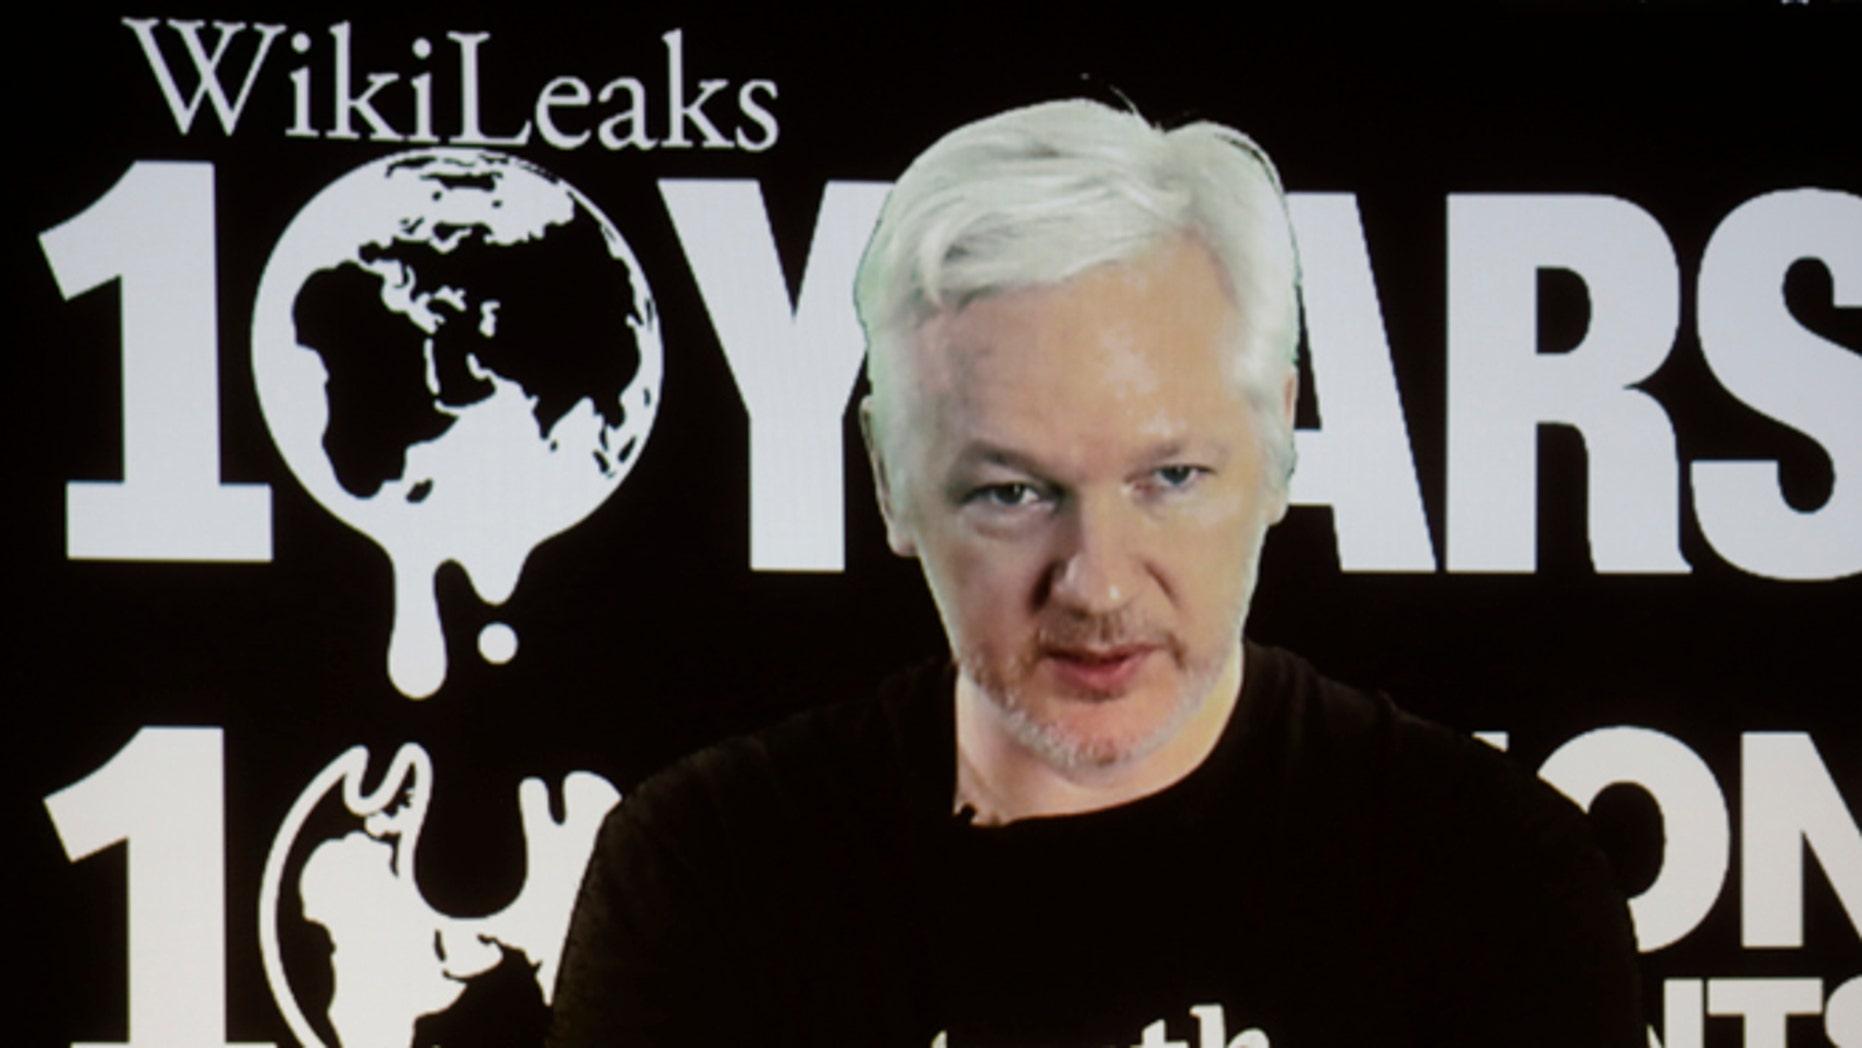 WikiLeaks founder Julian Assange via video link on Oct. 4, 2016.